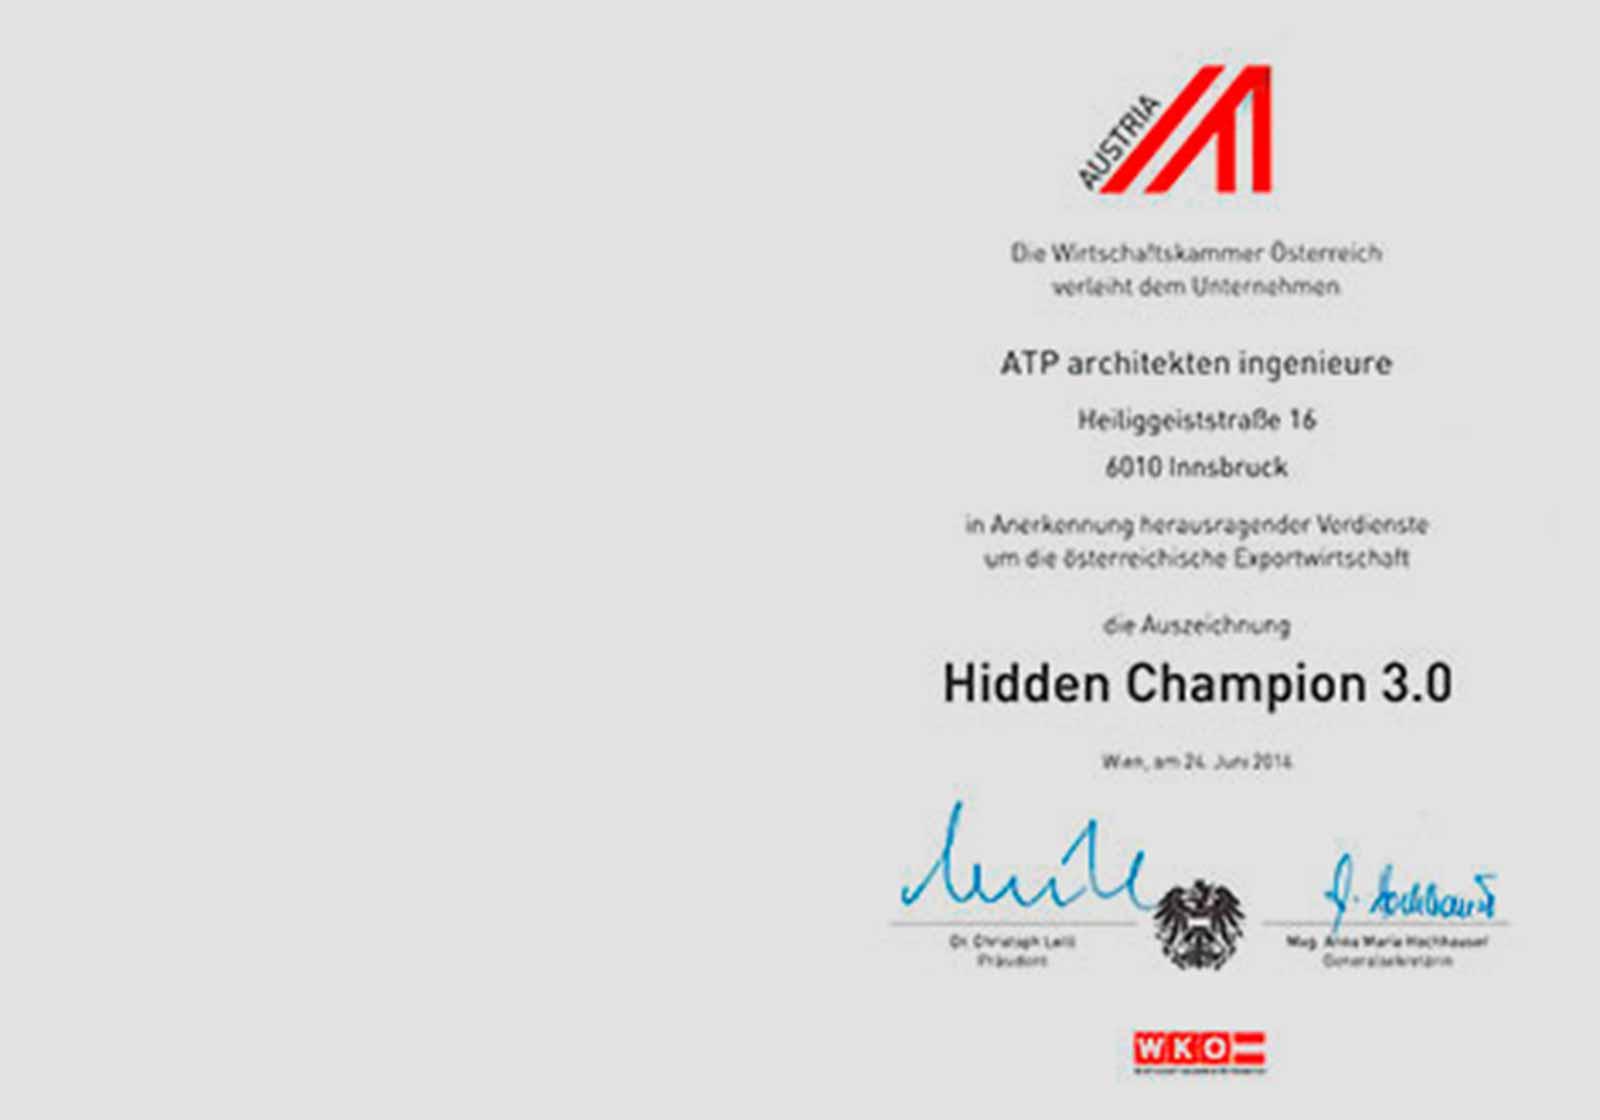 WKO-Preis für ATP